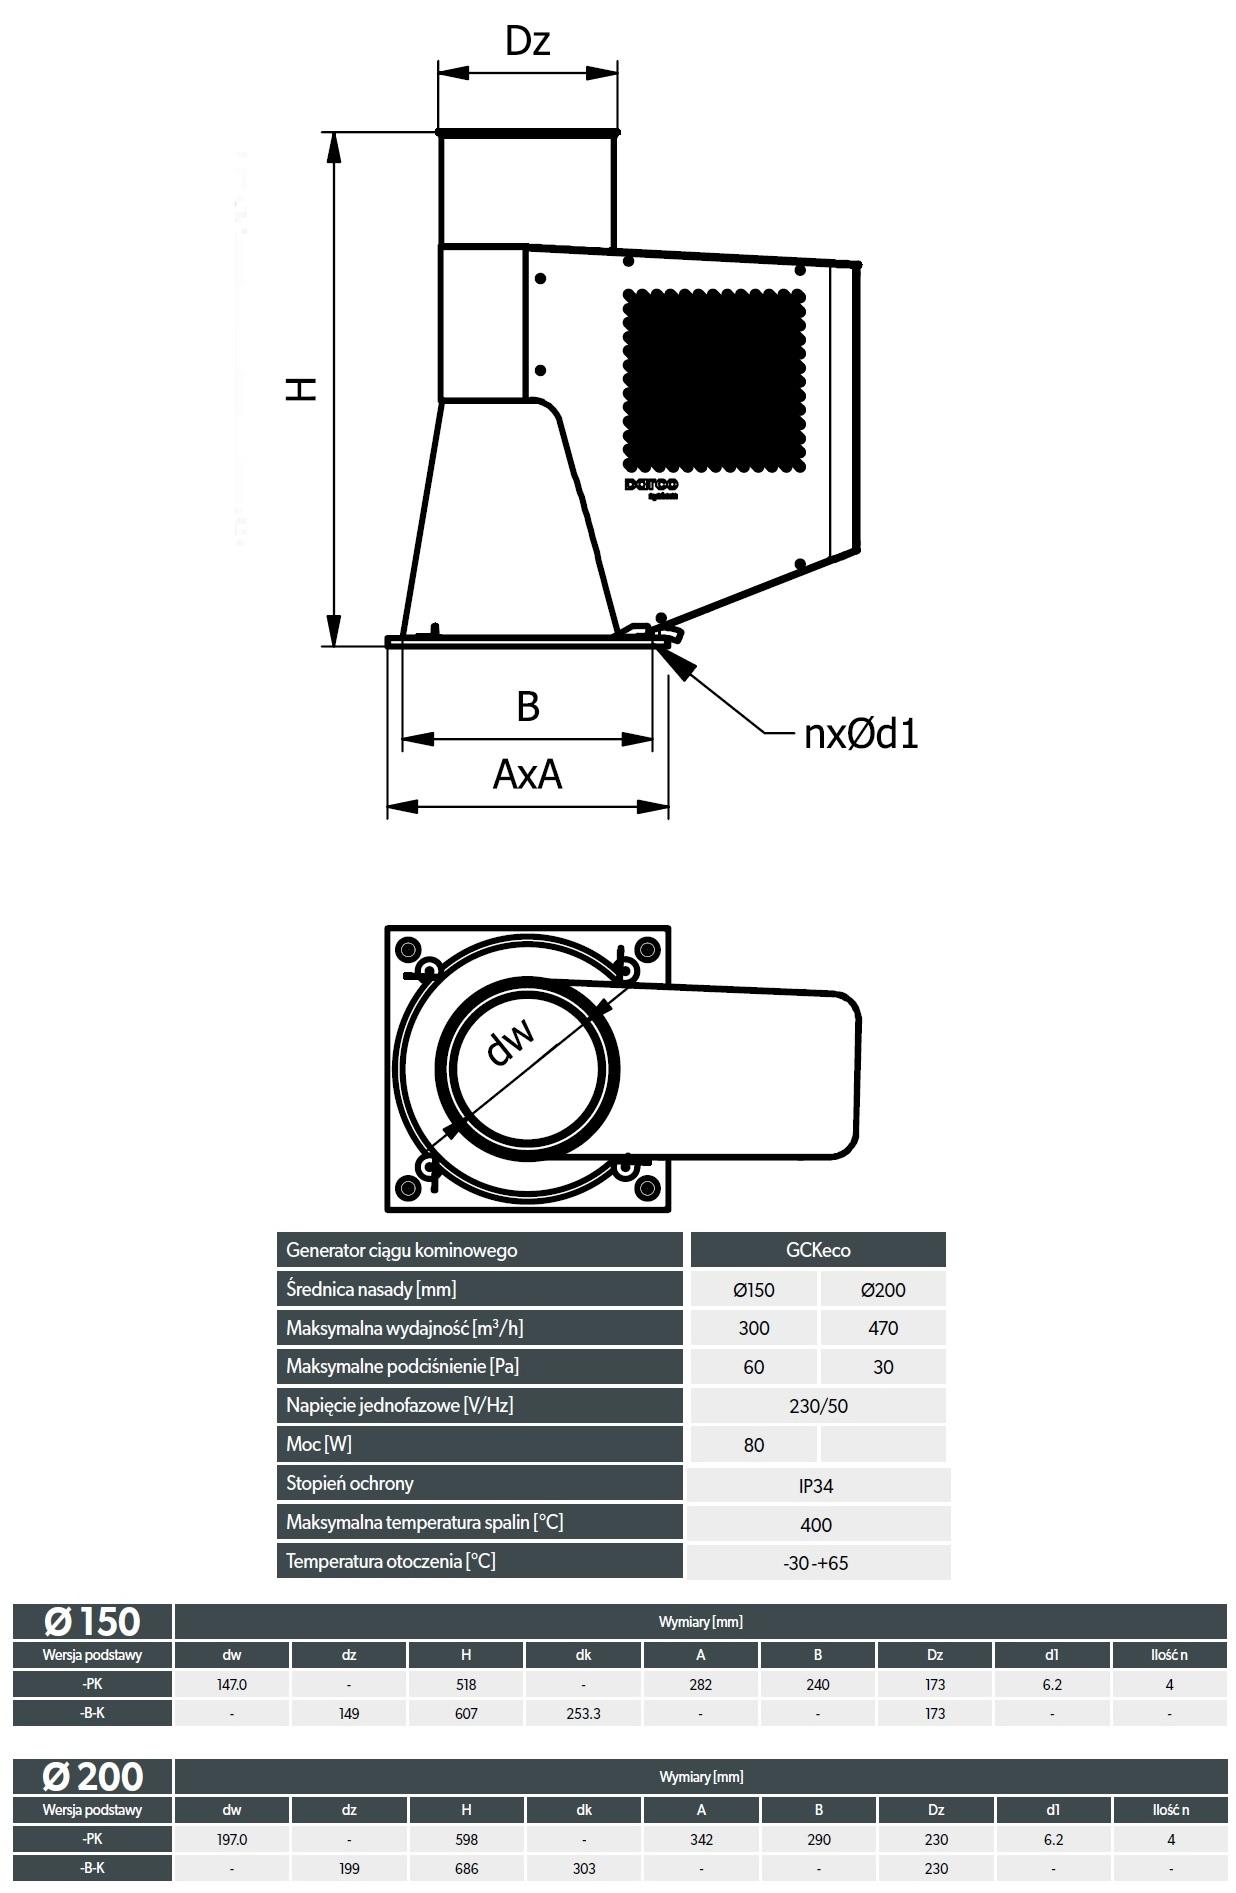 generator ciągu komina z podstawą